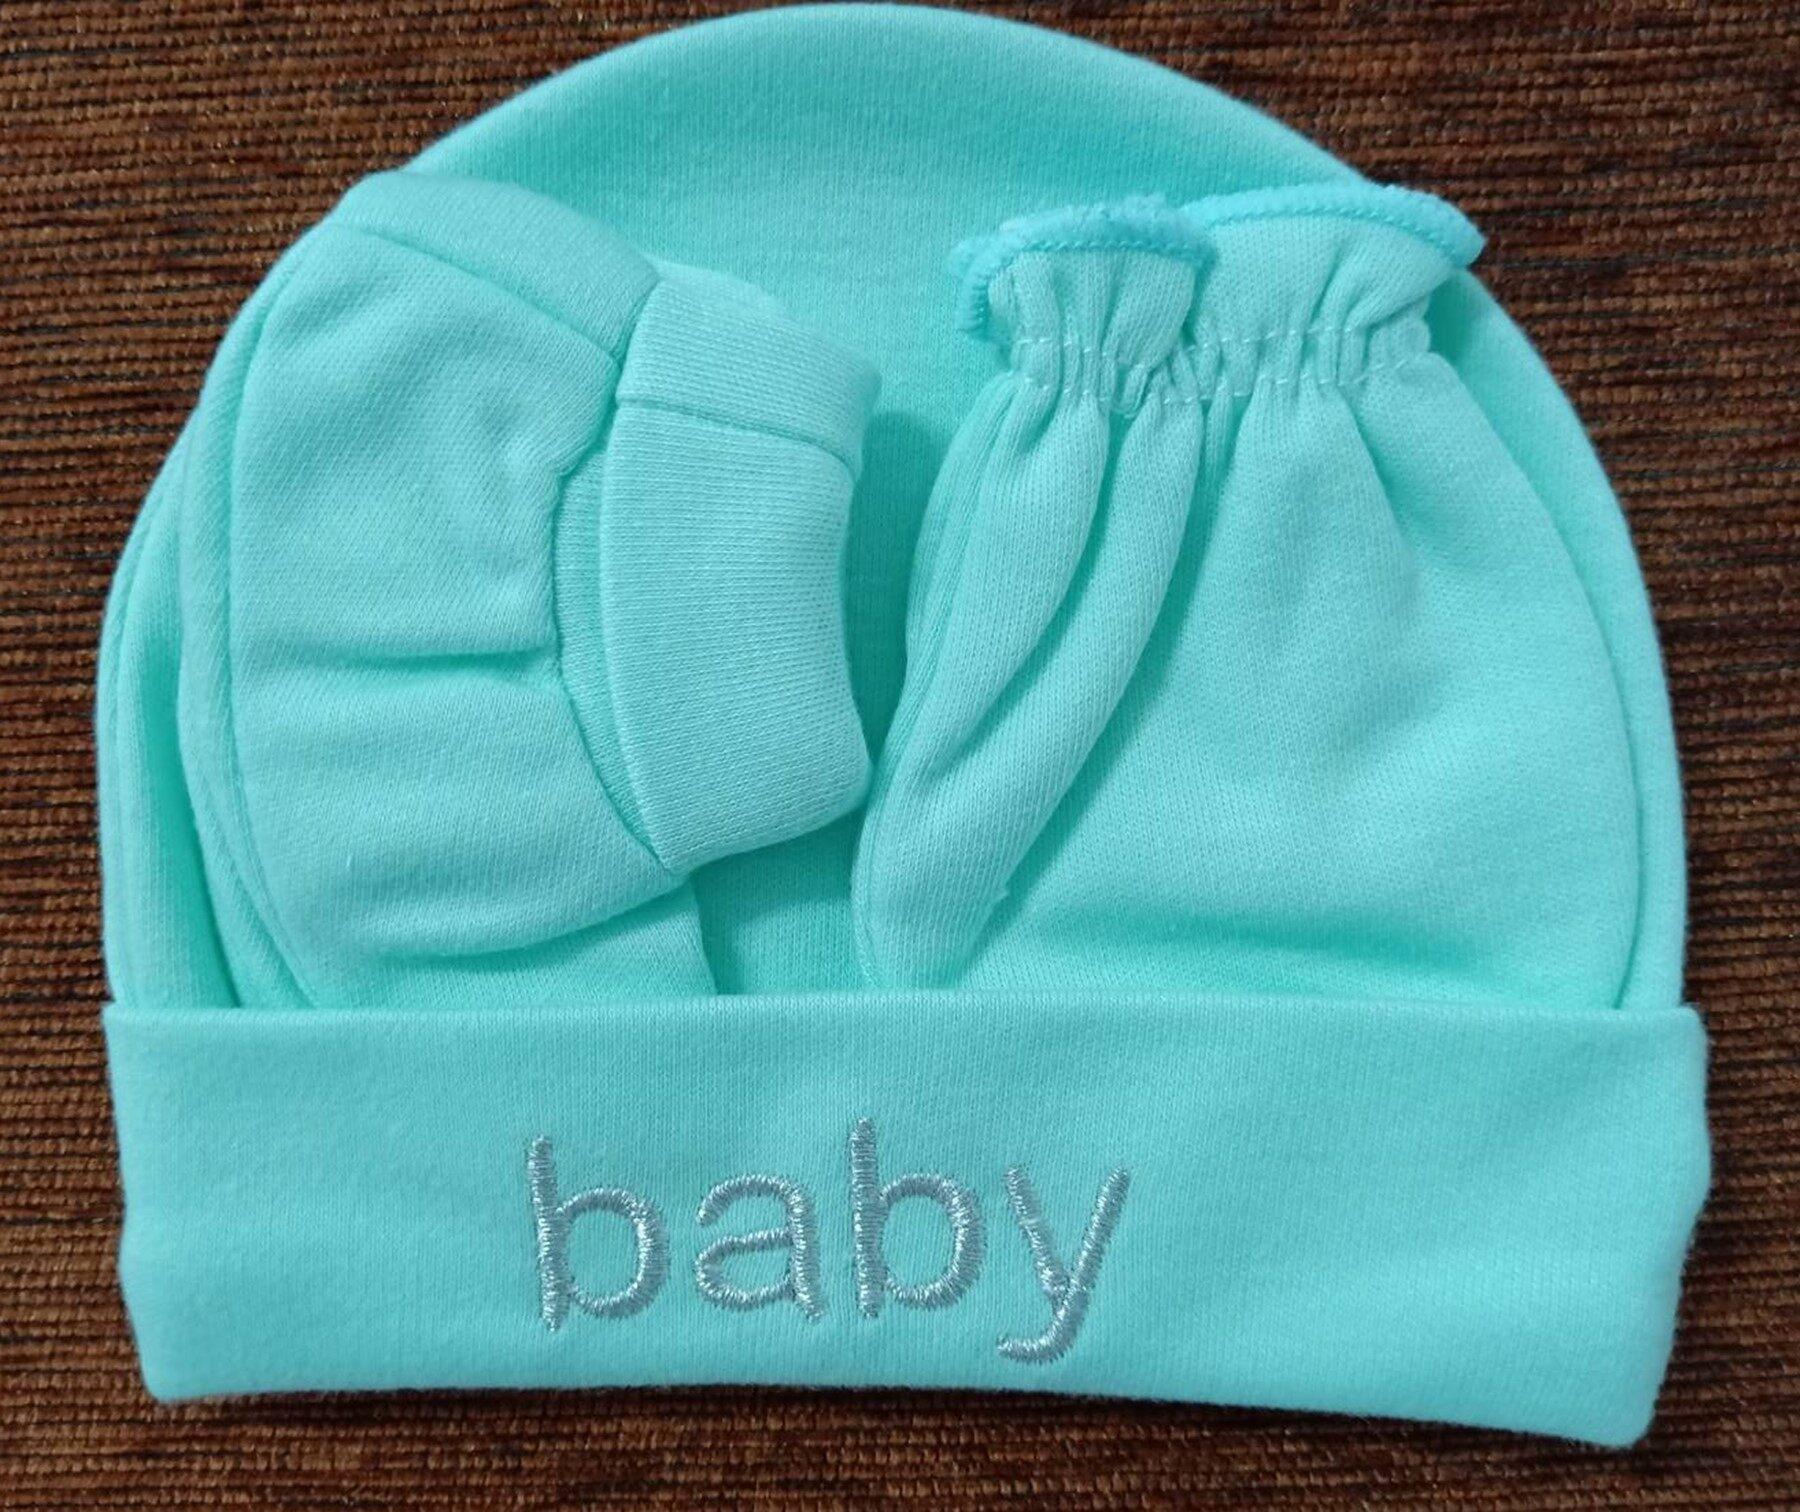 ชุดของขวัญ ชุดเซ็ทสำหรับทารก หมวก+ถุงมือ+ถุงเท้าเด็กอ่อน เด็กแรกเกิด - 3 เดือน แพ็ค 1